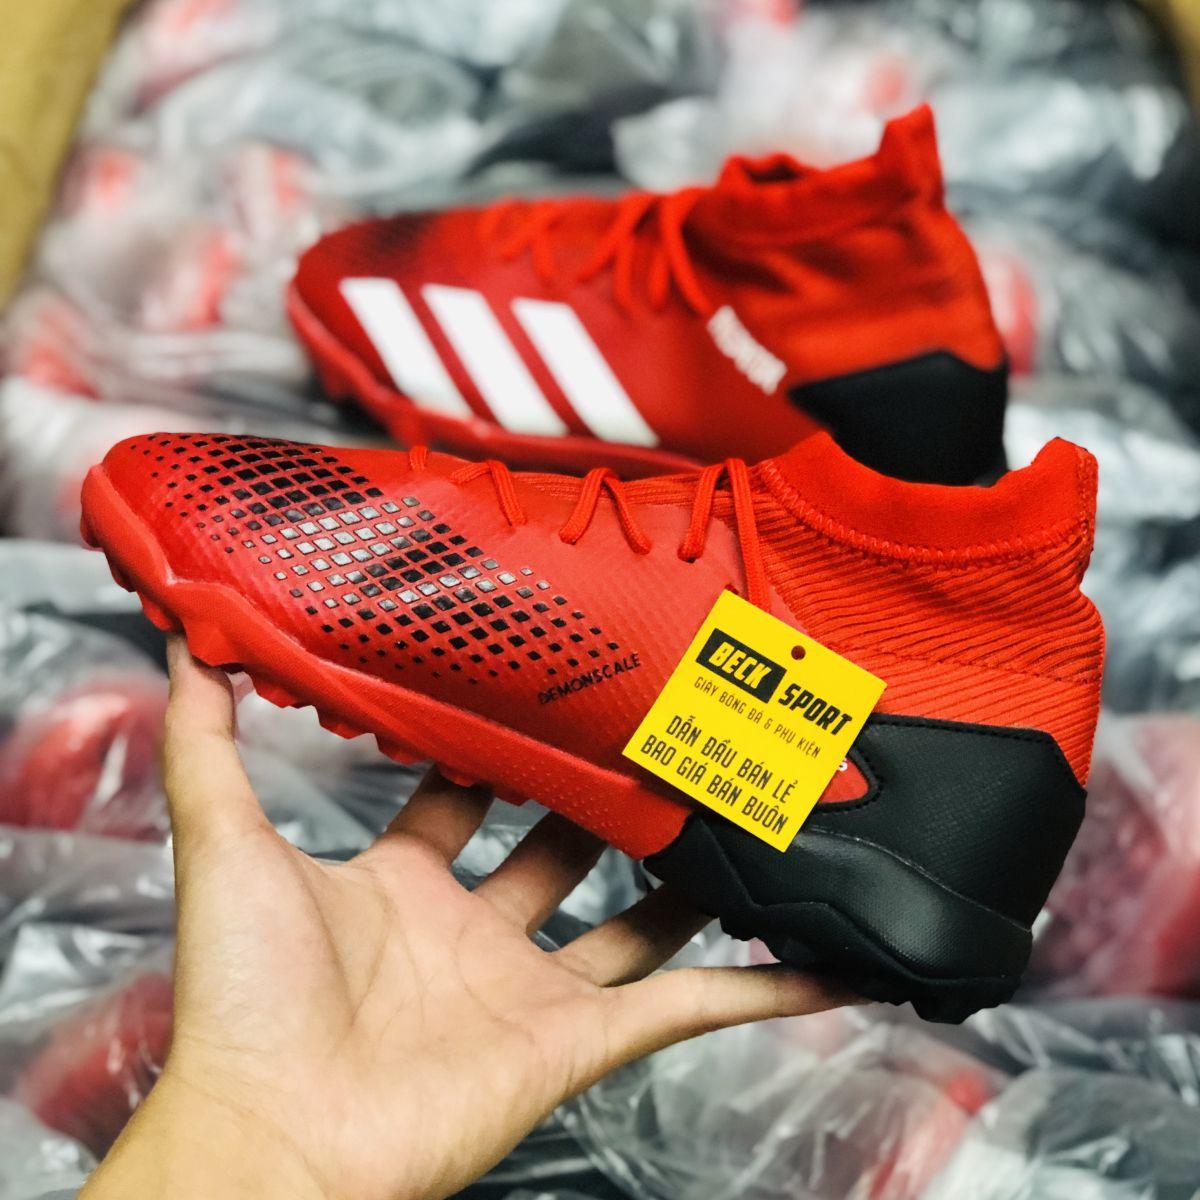 Giày Bóng Đá Adidas Predator 20.3 Đỏ Vạch Trắng Cổ Cao TF